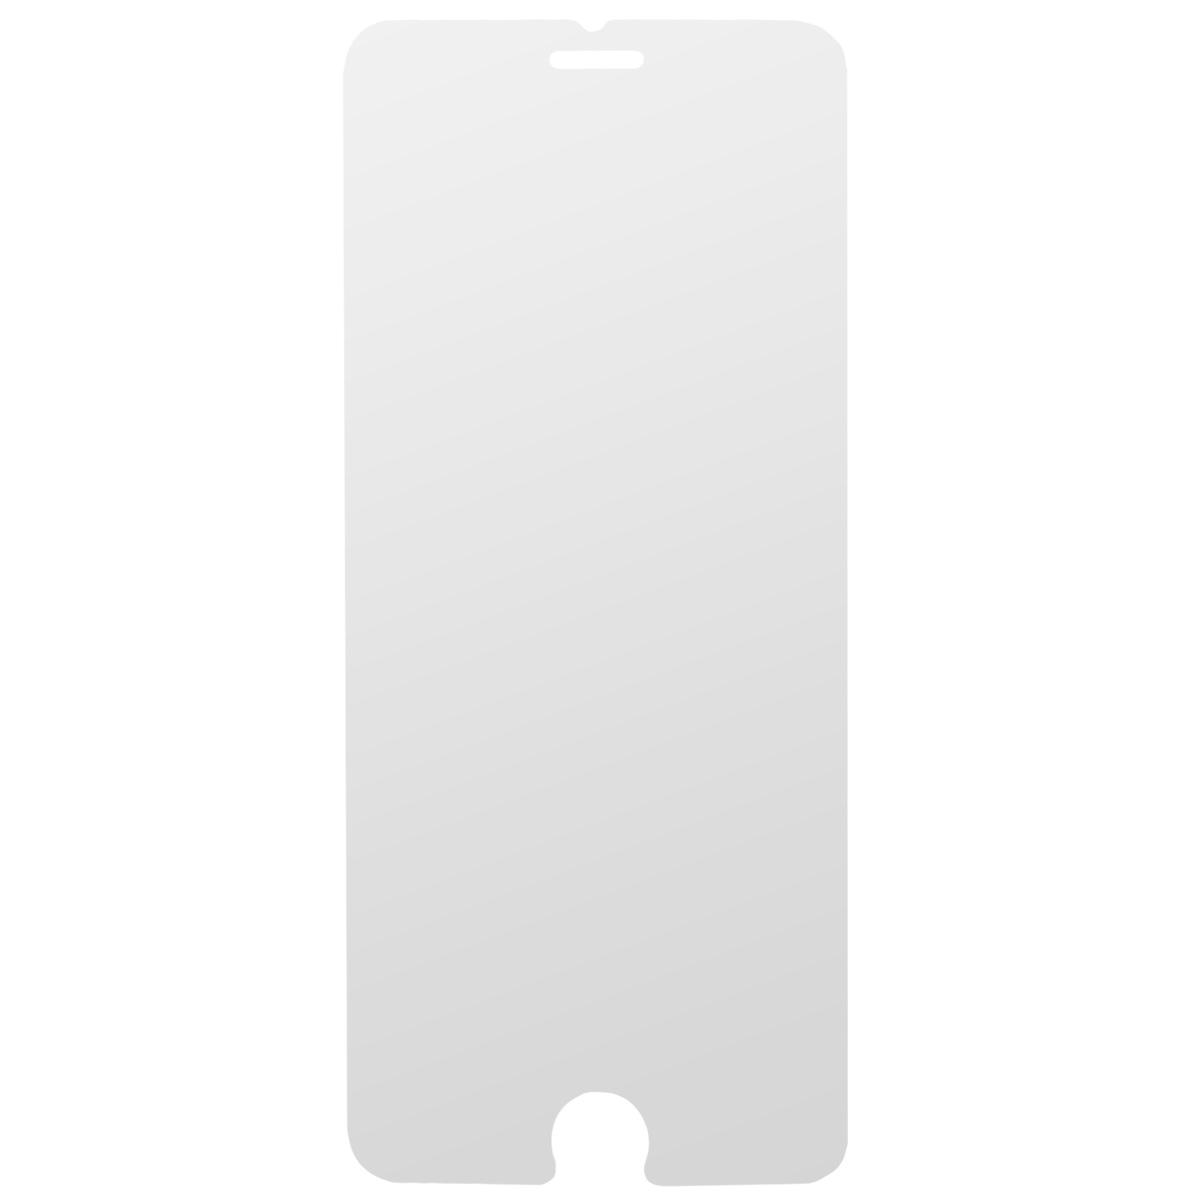 Highscreen защитное стекло для iPhone 6, прозрачное22883Защитное стекло Highscreen для iPhone 6 - надежная защита экрана смартфона от грязи, пыли, отпечатков пальцев и царапин. Стекло изготовлено точно по размеру экрана, отличается кристальной прозрачностью и имеет все необходимые прорези.